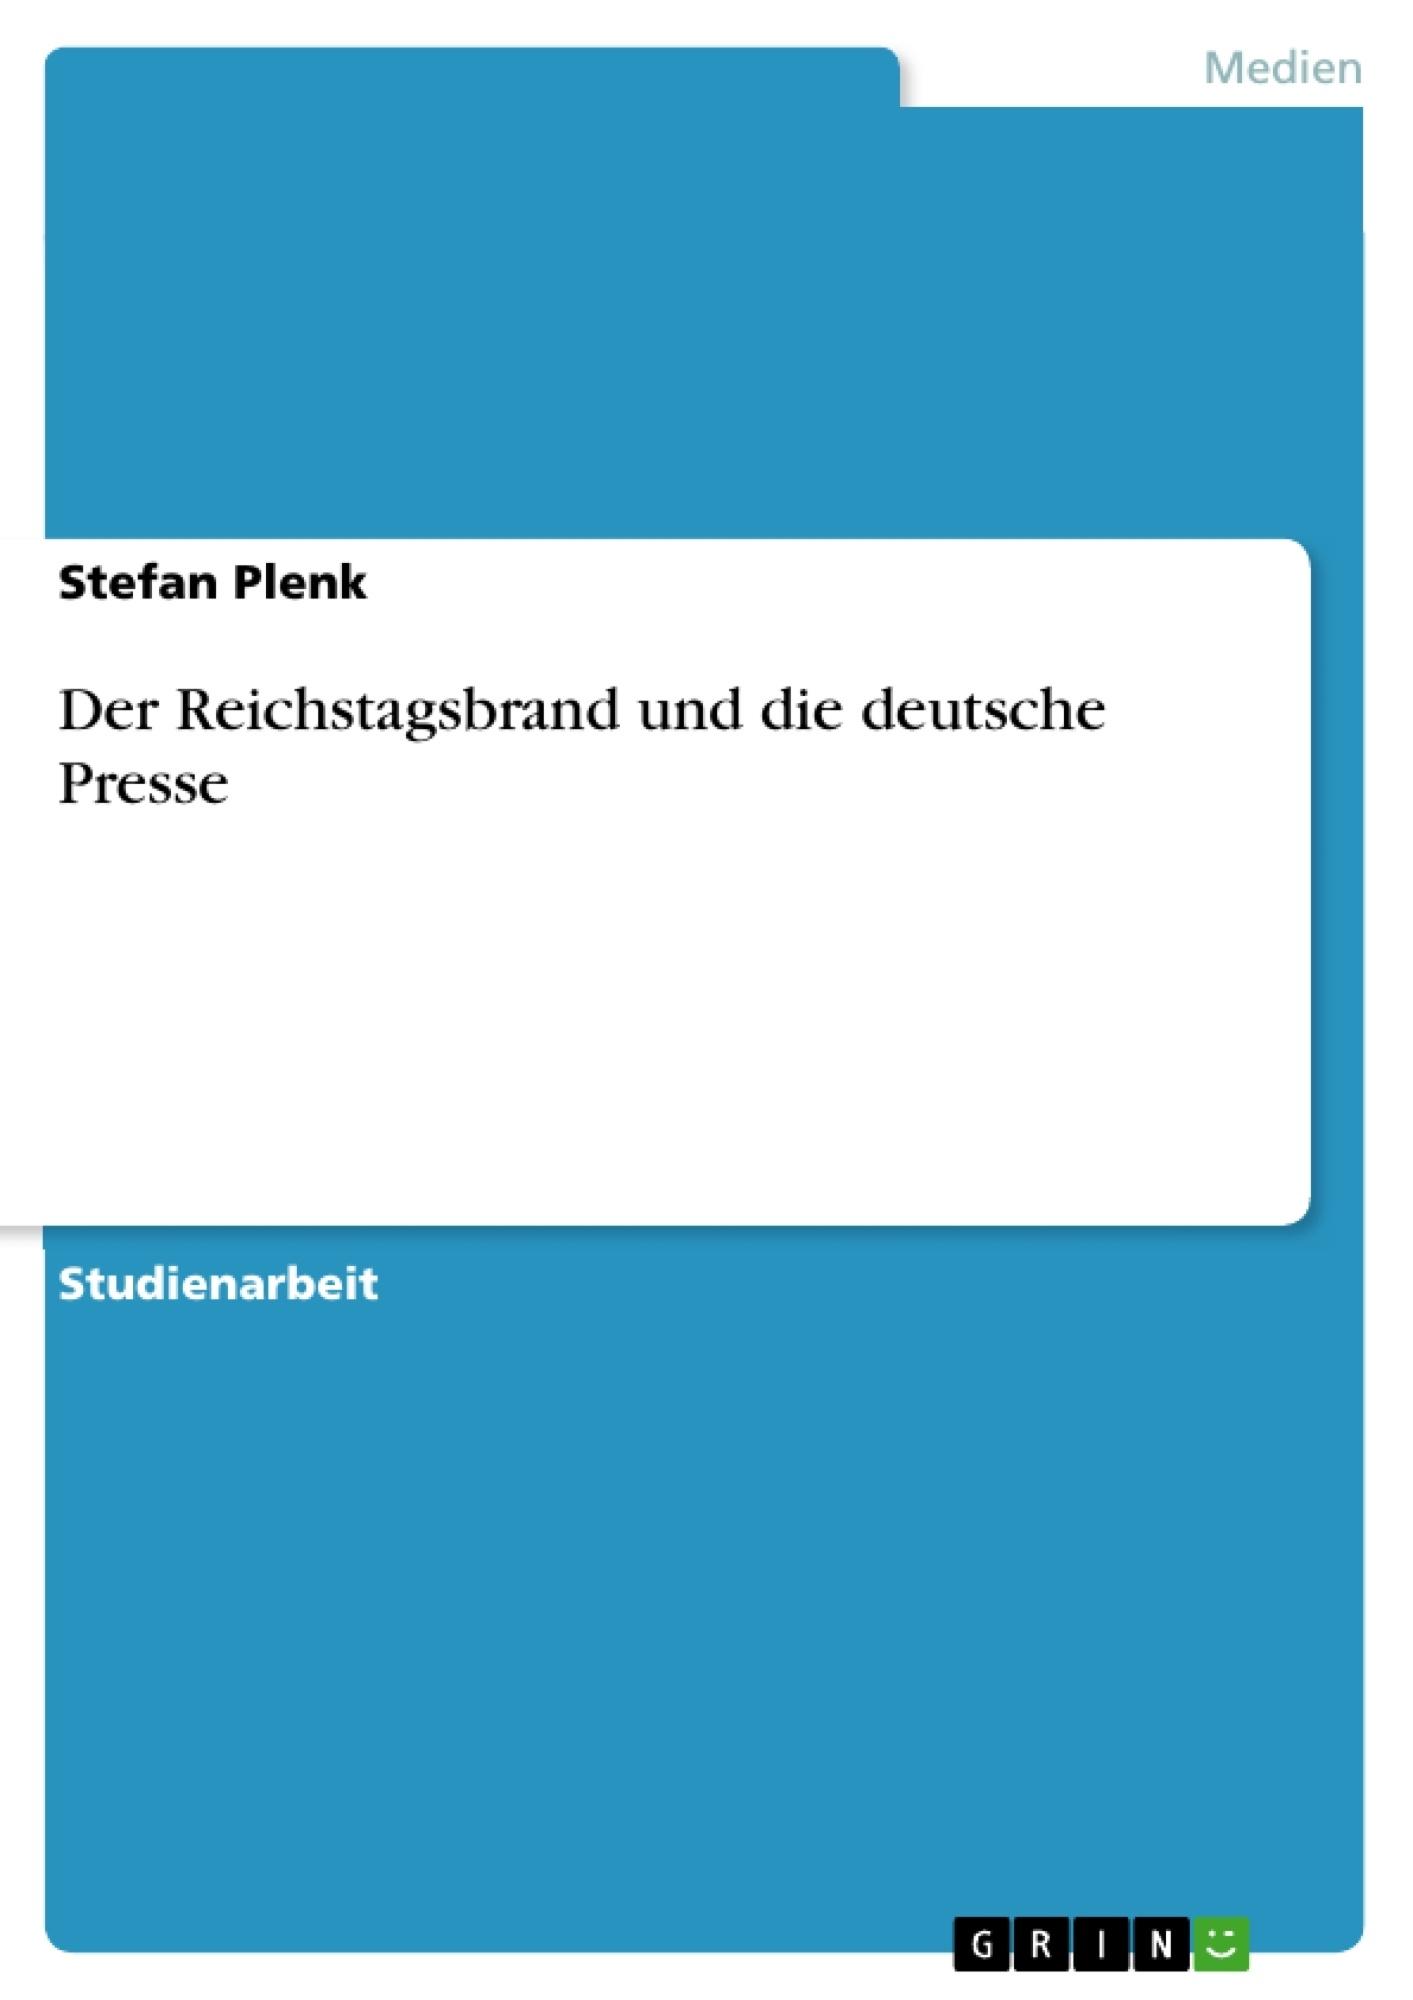 Titel: Der Reichstagsbrand und die deutsche Presse